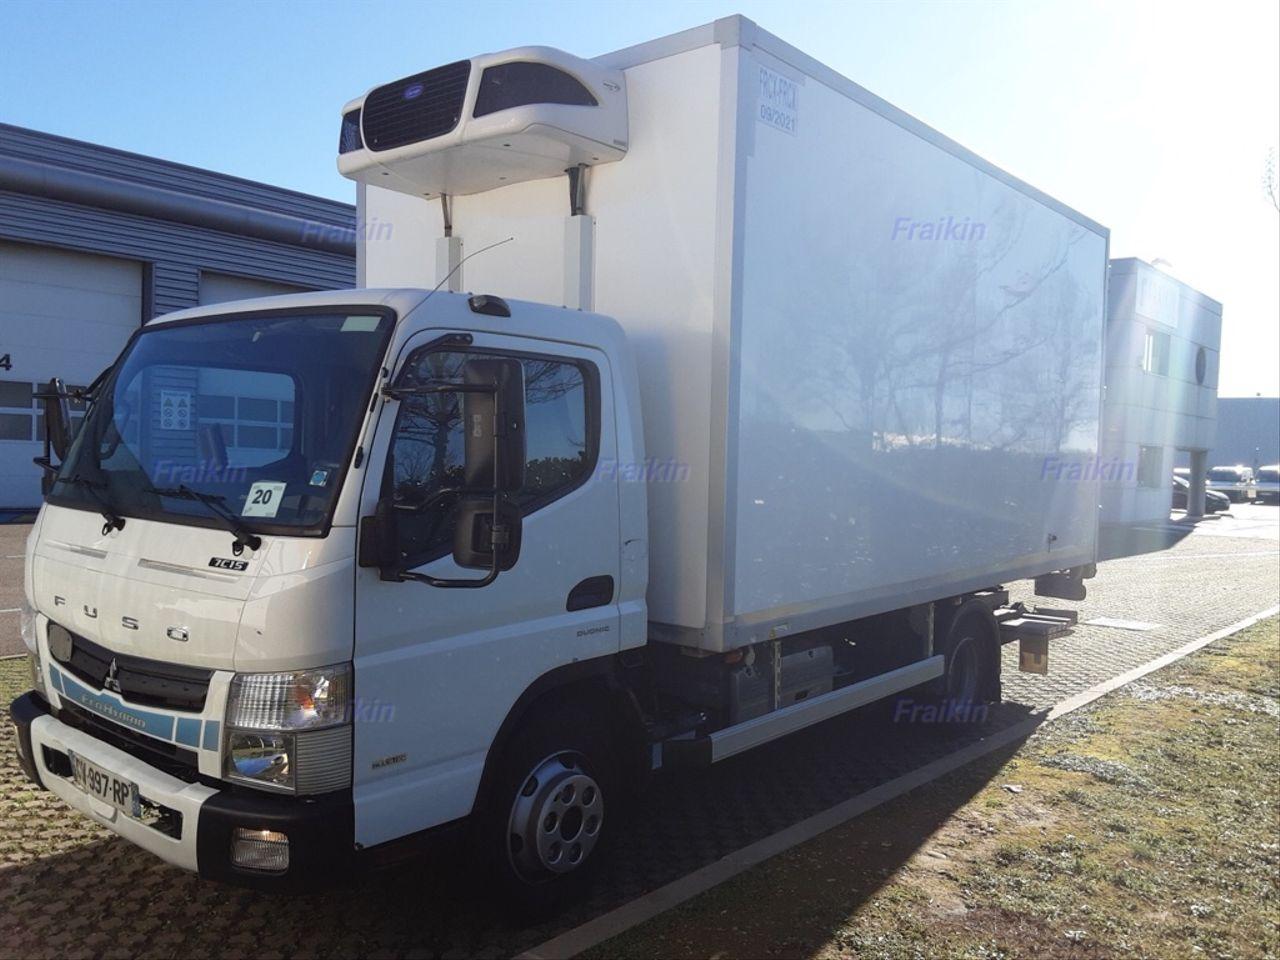 ISUZU Mitsubishi FUSO 7C15 150CV ALQUILER 875€/mes de venta de venta por 21000